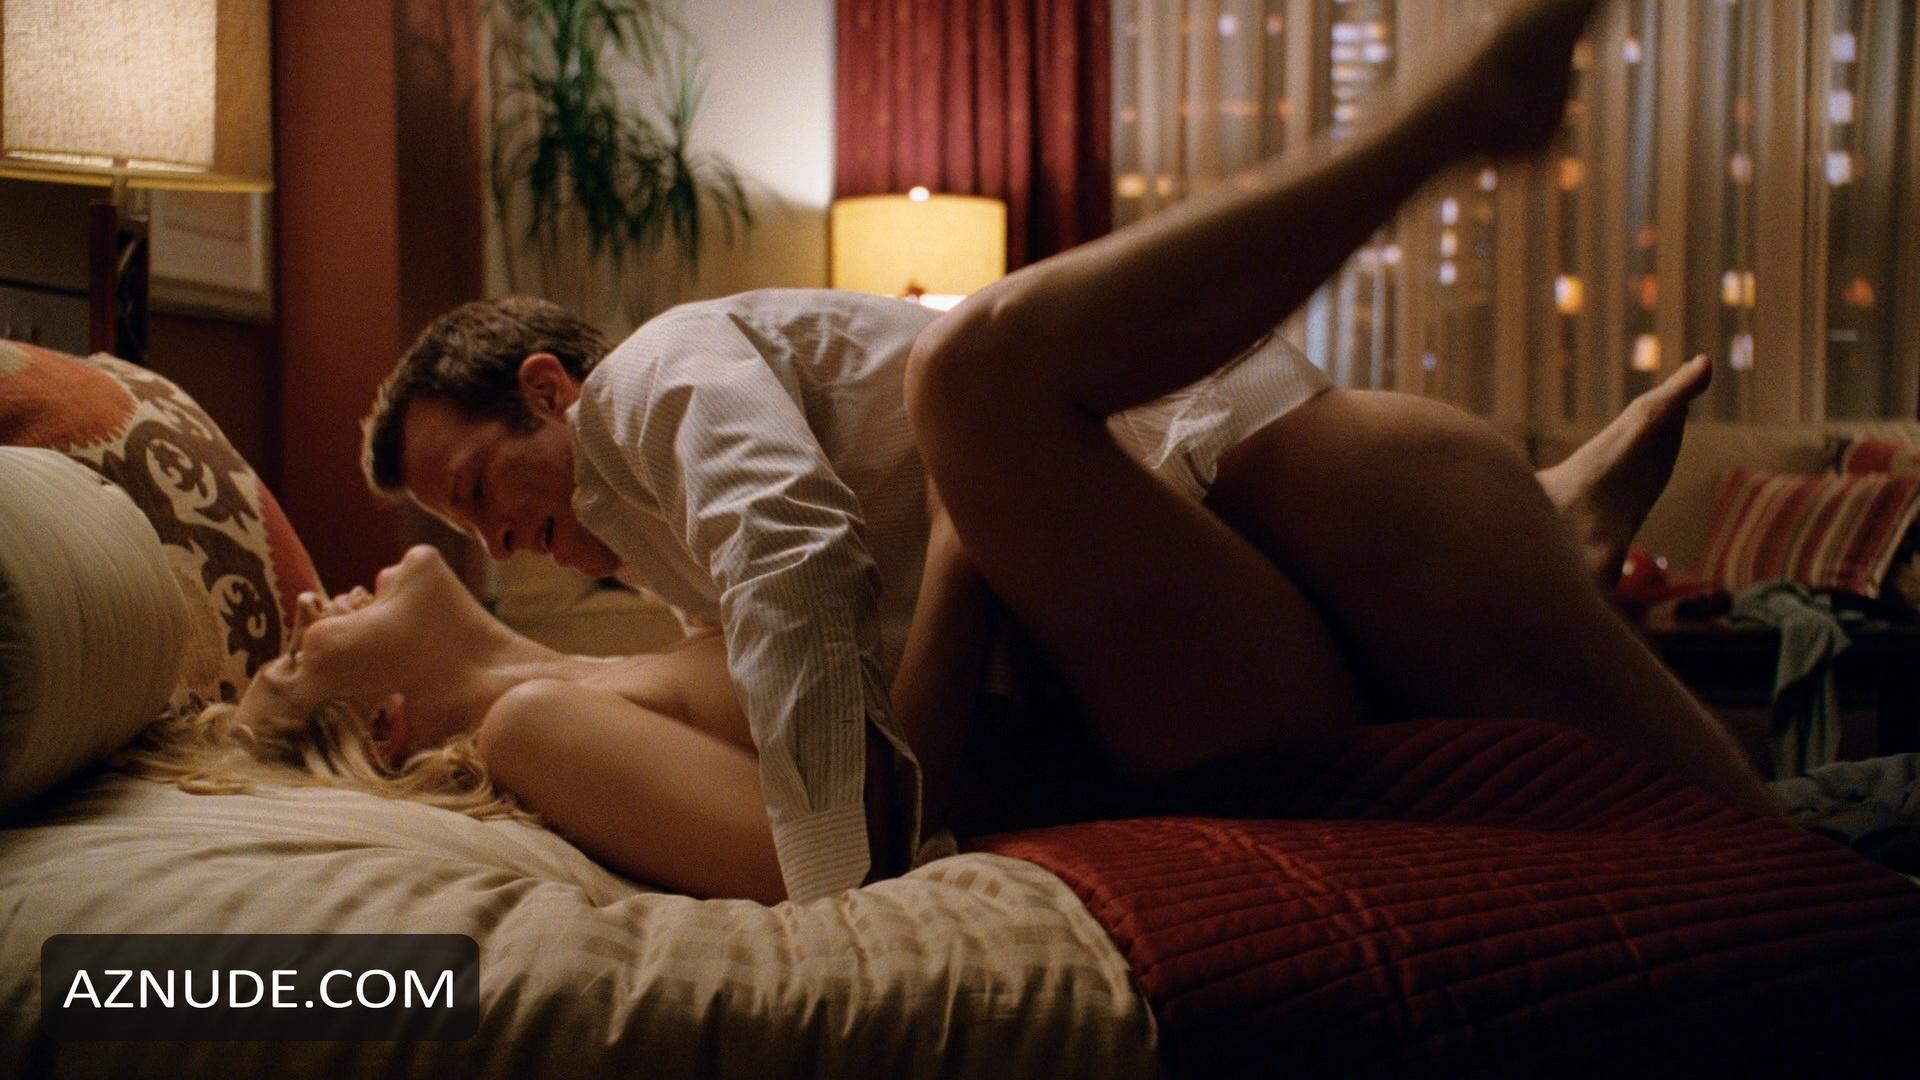 Hung sex scenes